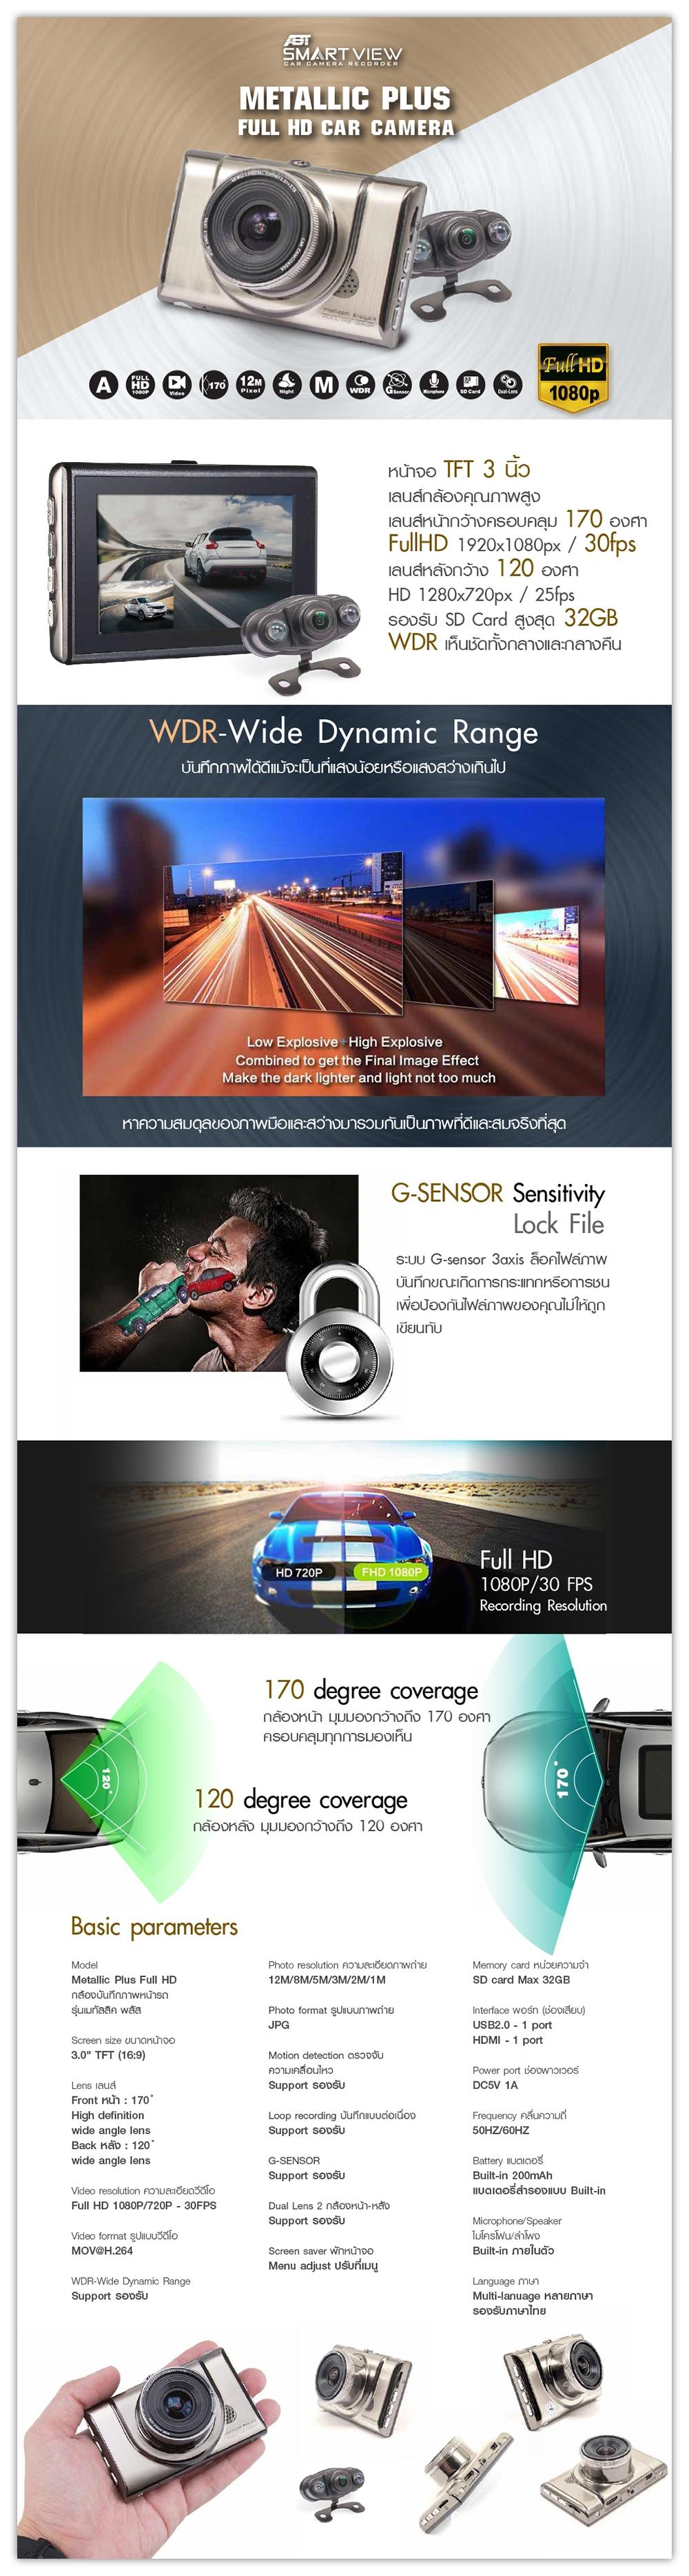 กล้องบันทึกภาพหน้ารถ, กล้องติดรถ, fullhd, ABT SMART VIEW